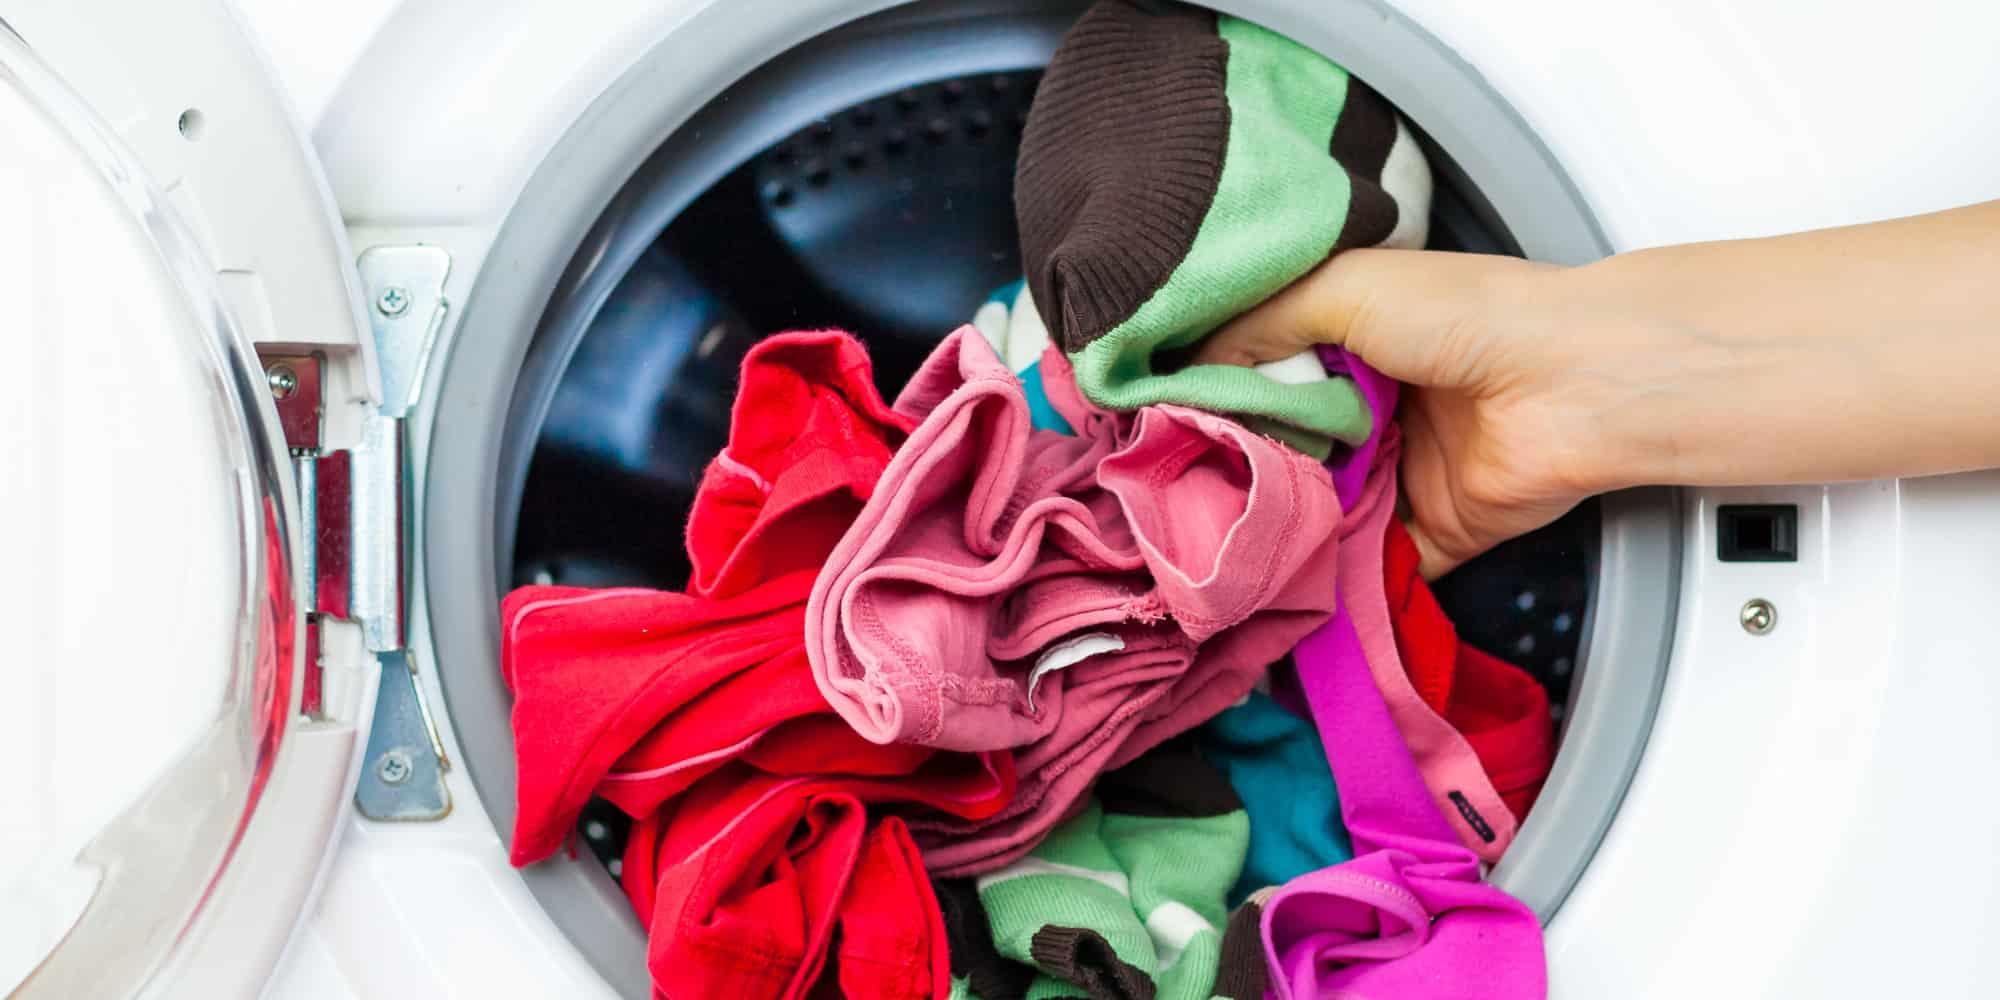 فوائد الخل الأبيض لغسل الملابس